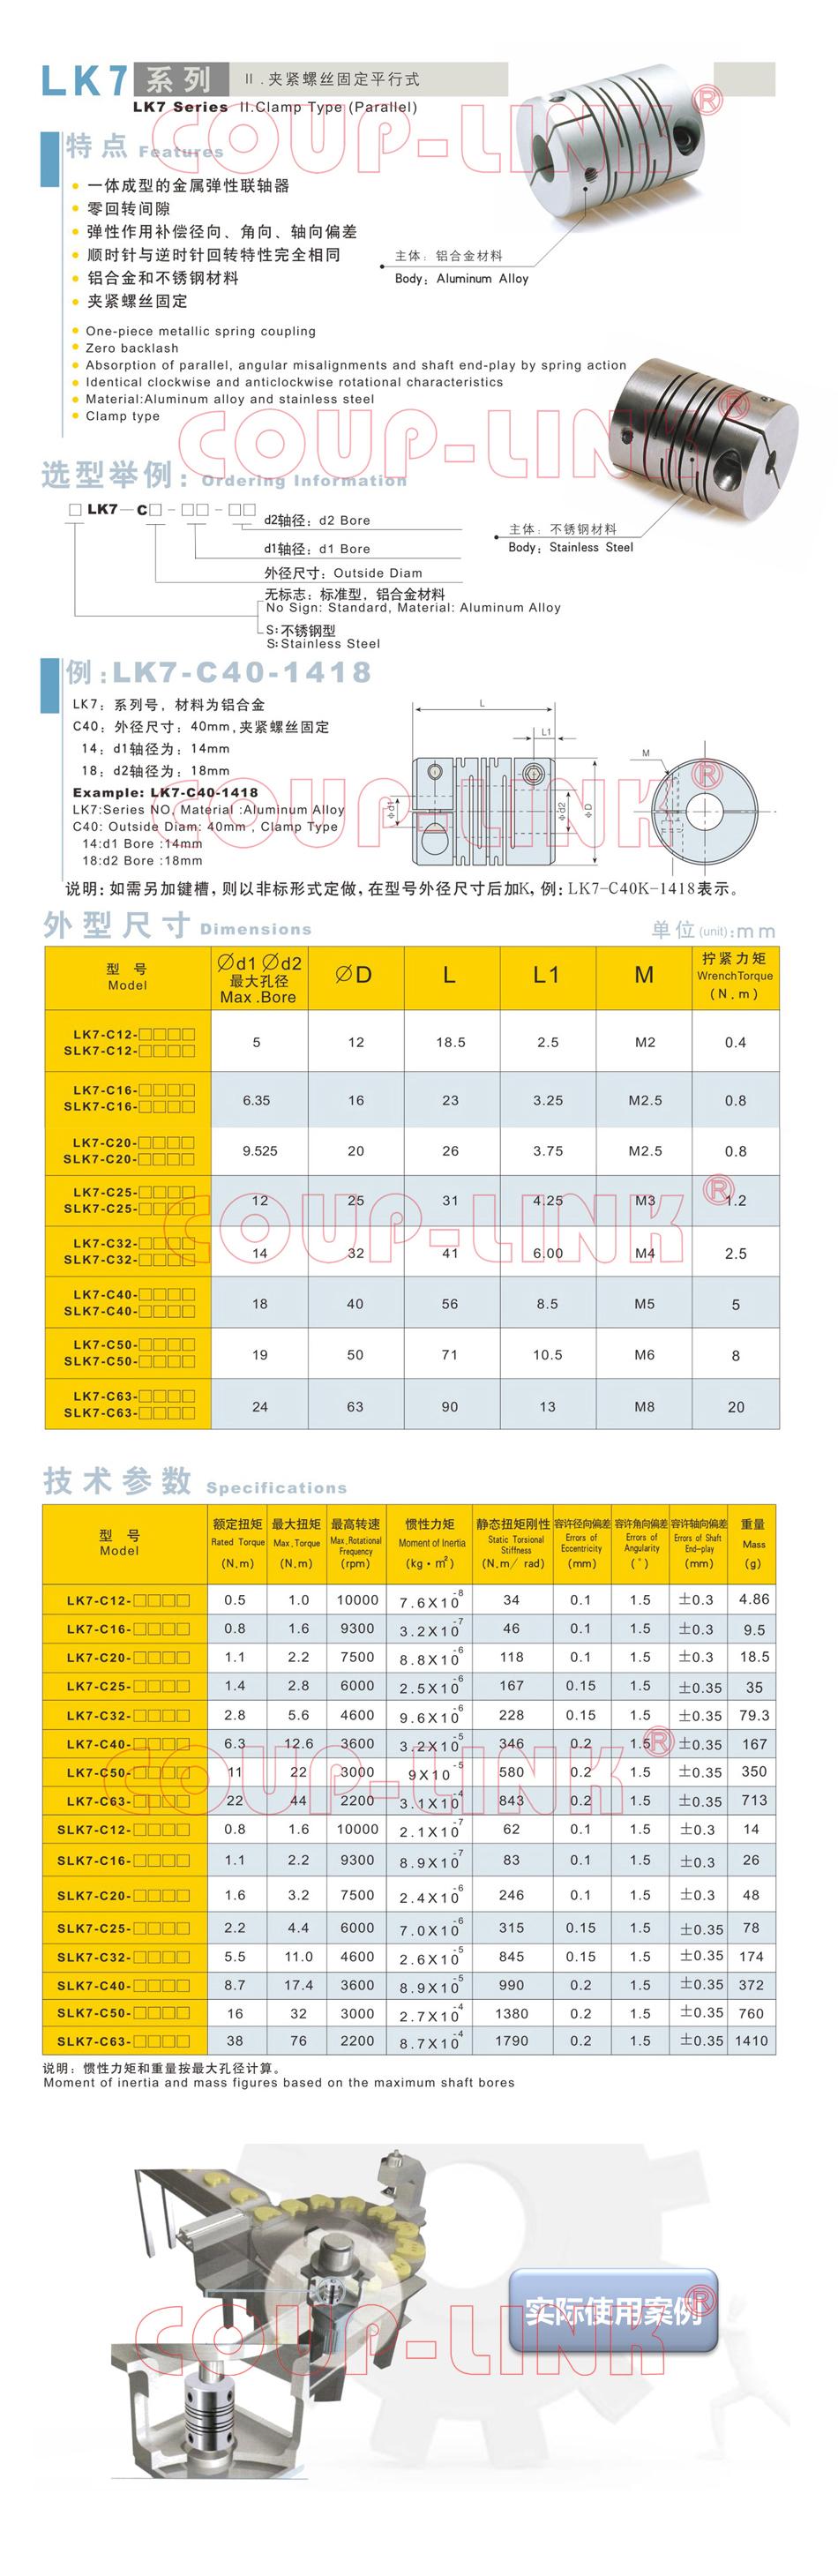 LK7系列 夾緊螺絲固定平行式_老子有钱app種類-廣州老子有钱自動化設備有限公司